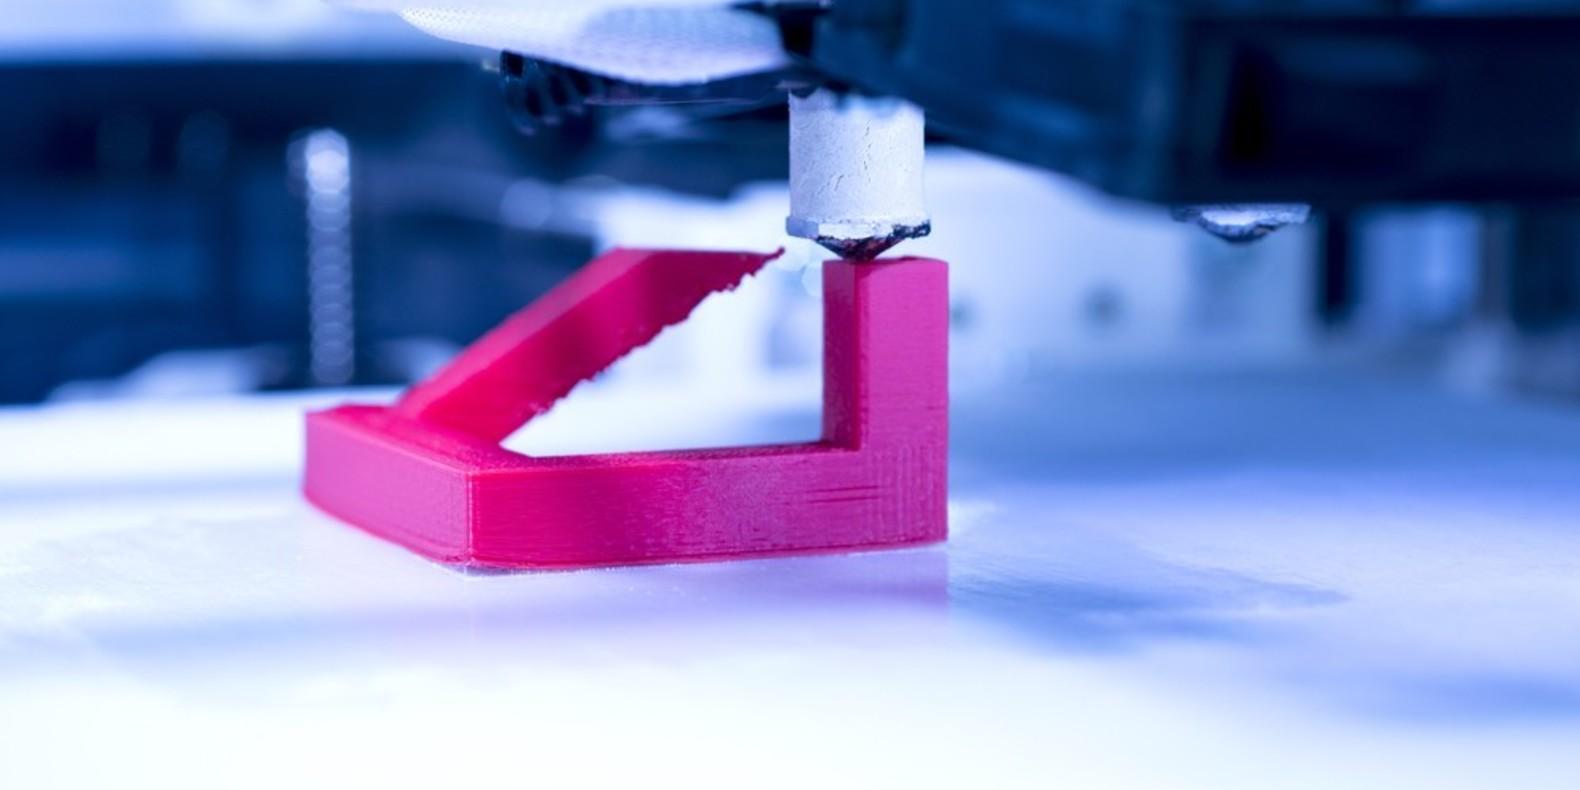 Peut-on imprimer en 3D un kayak ?